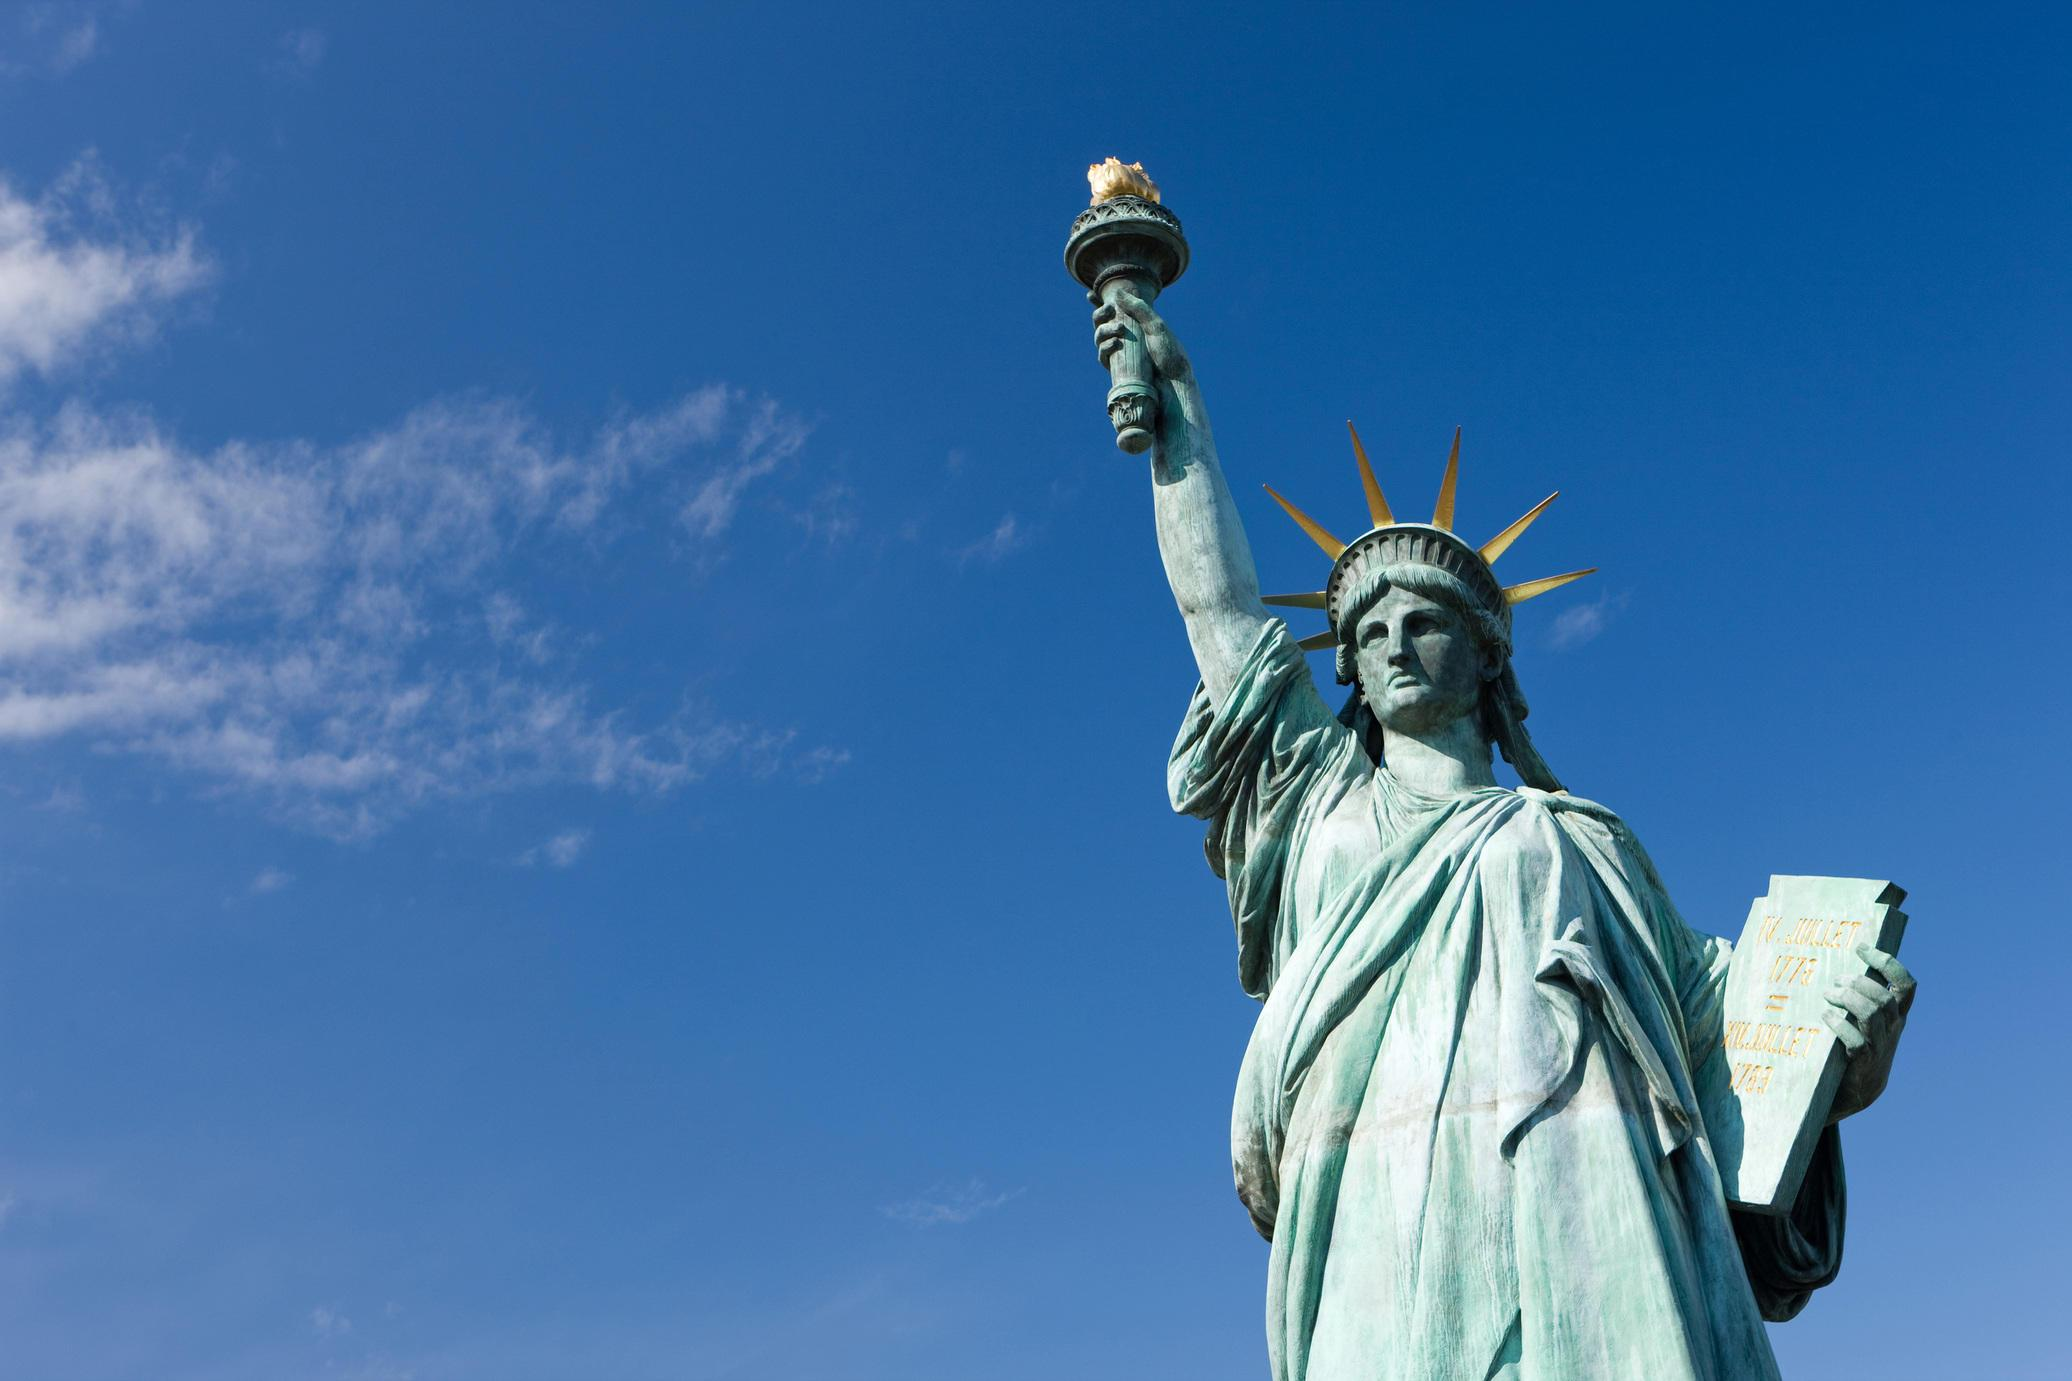 去美国,还没EVUS登记的赶紧点进来吧!